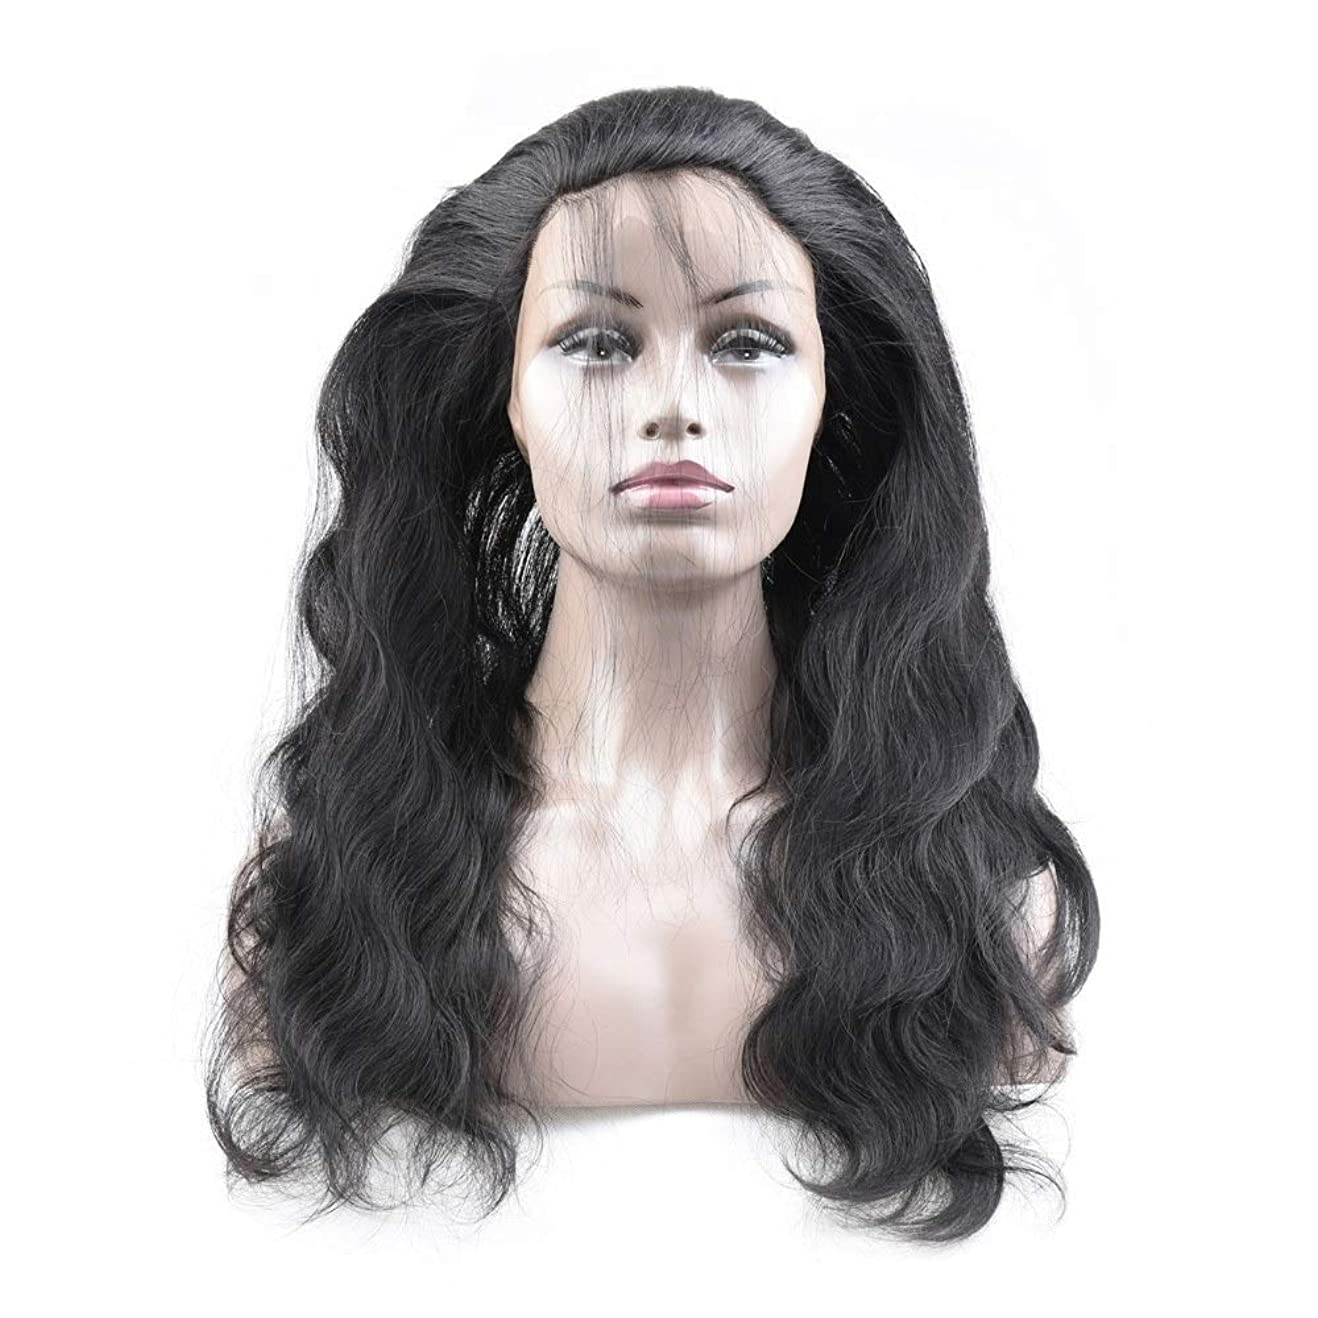 ブーム槍倍増BOBIDYEE 360レースクロージャーヘアブラジル実体波毛バージンレミー人間の髪の毛自由な部分ナチュラルカラーロールプレイングかつら女性のかつら (色 : 黒, サイズ : 14 inch)